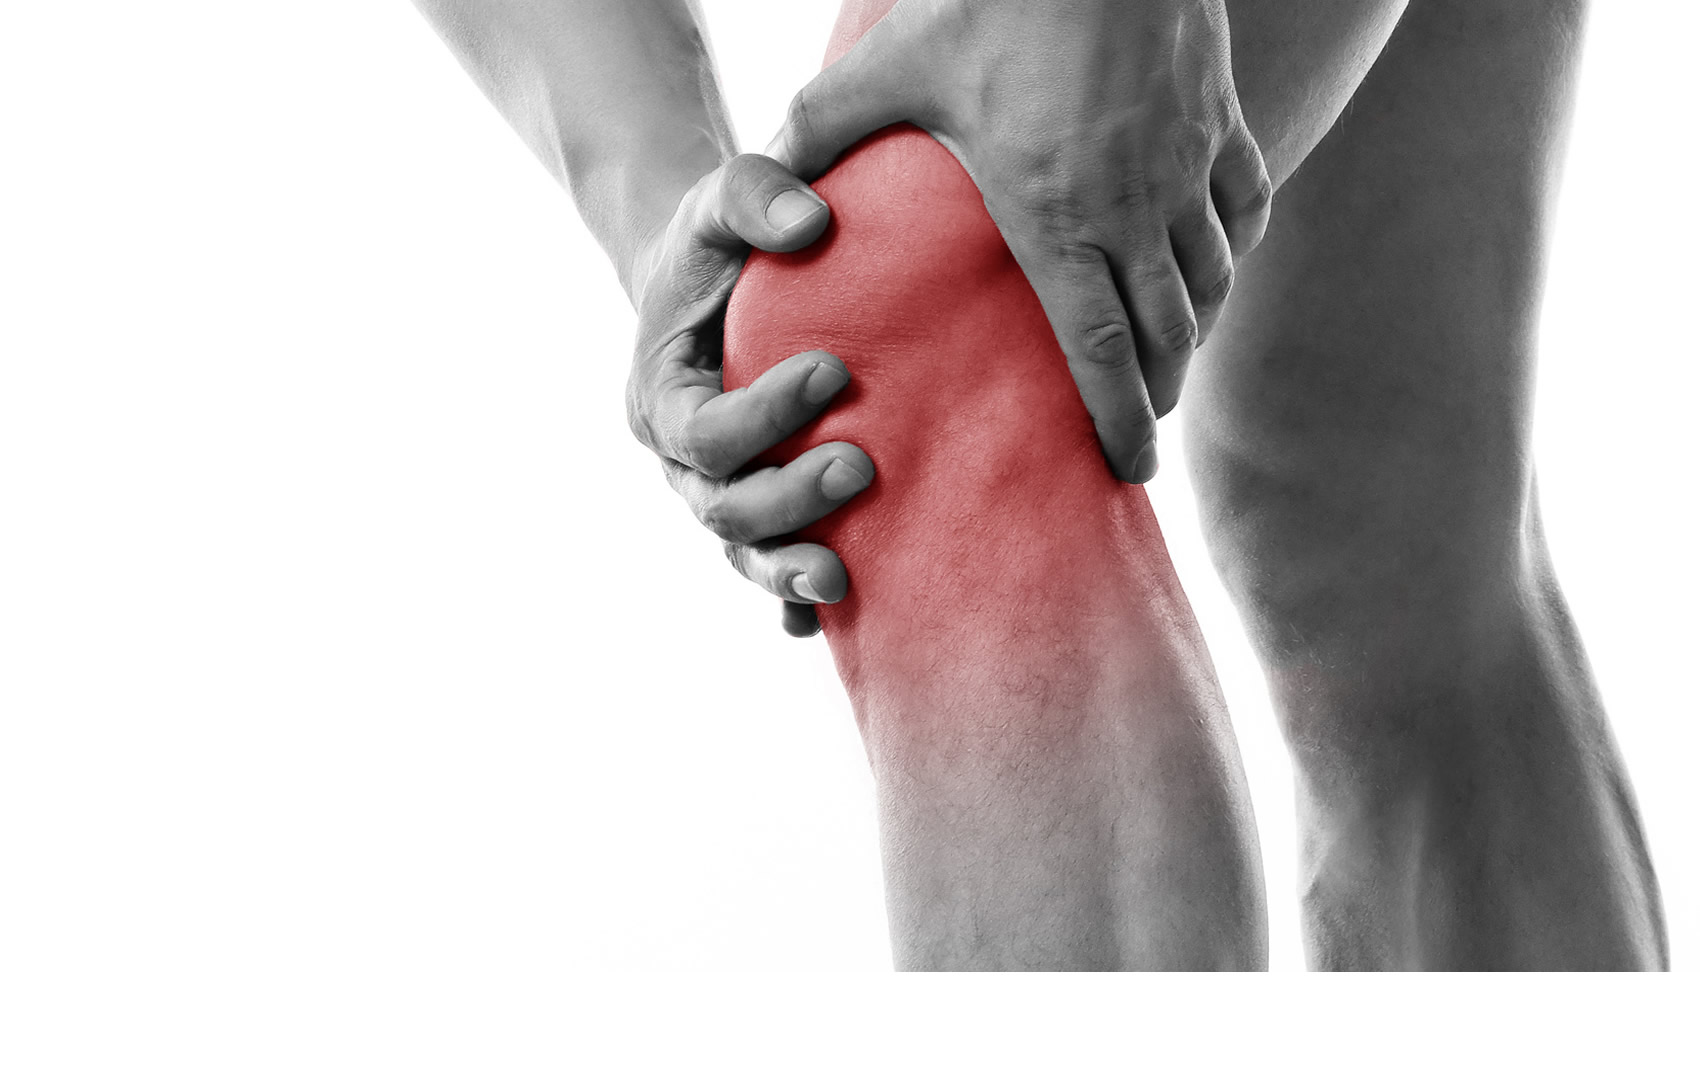 Cedimento del ginocchio - cause e trattamento